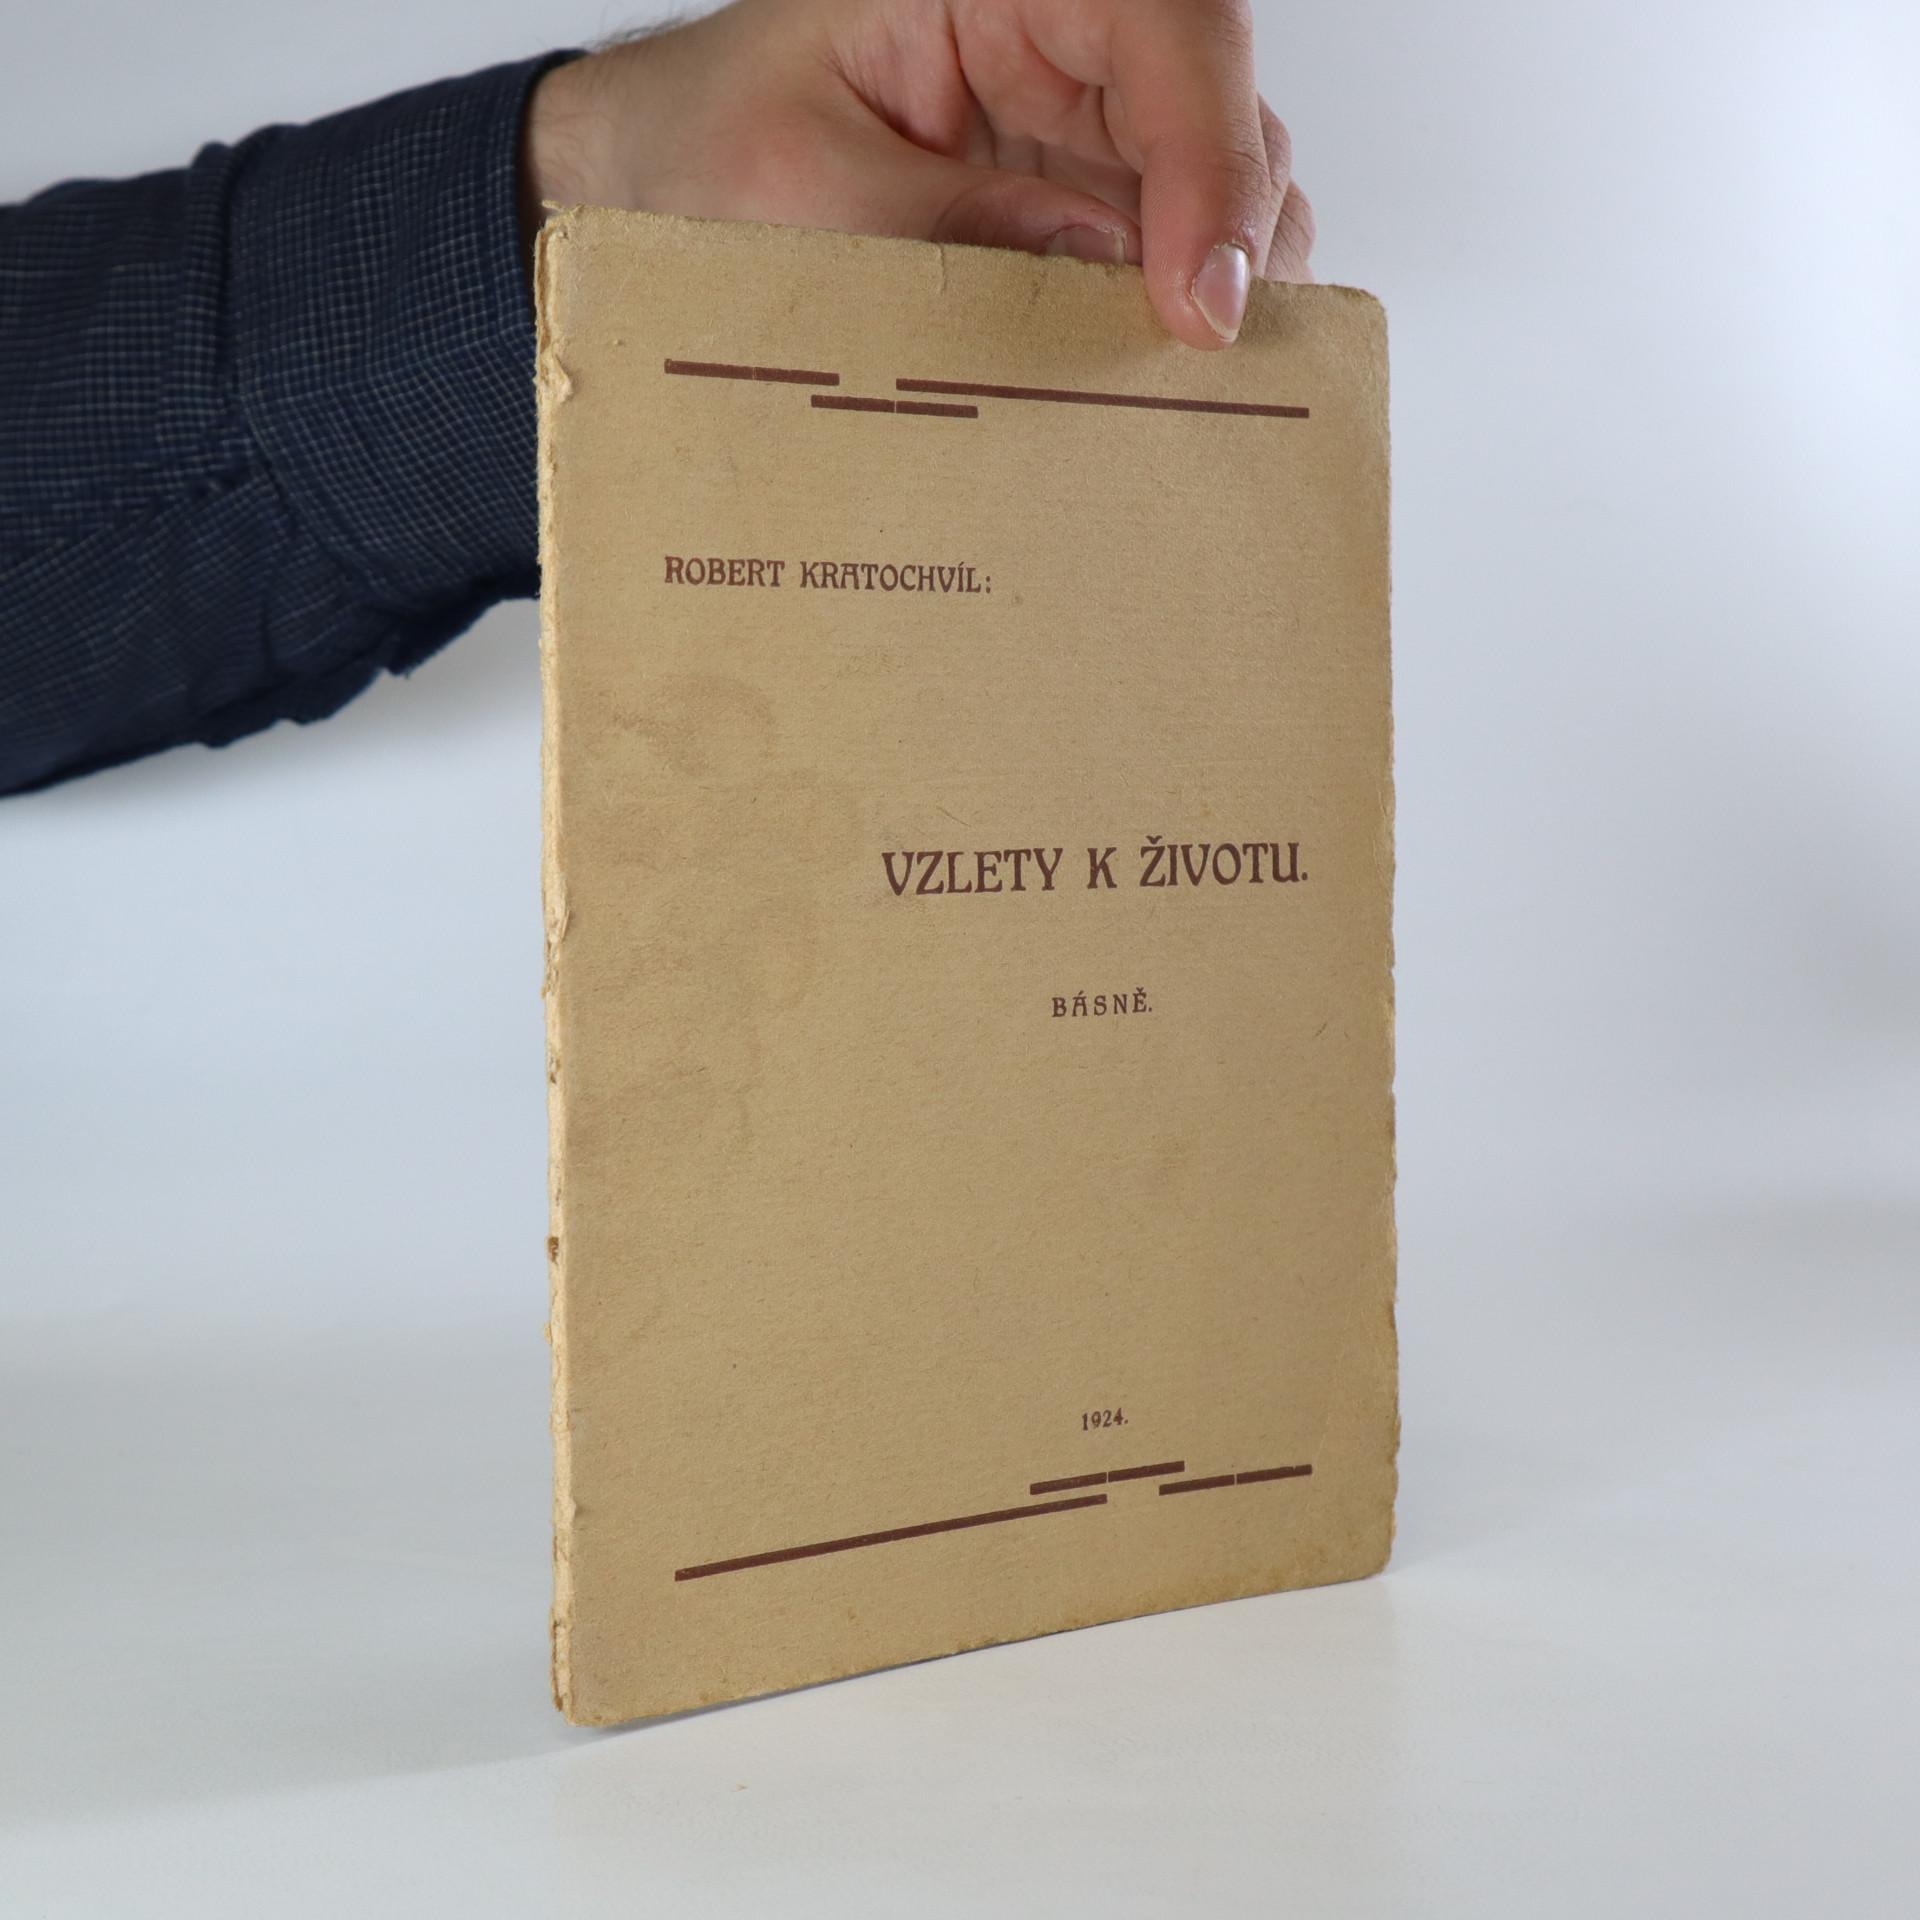 antikvární kniha Vzlety k životu. Básně, 1924